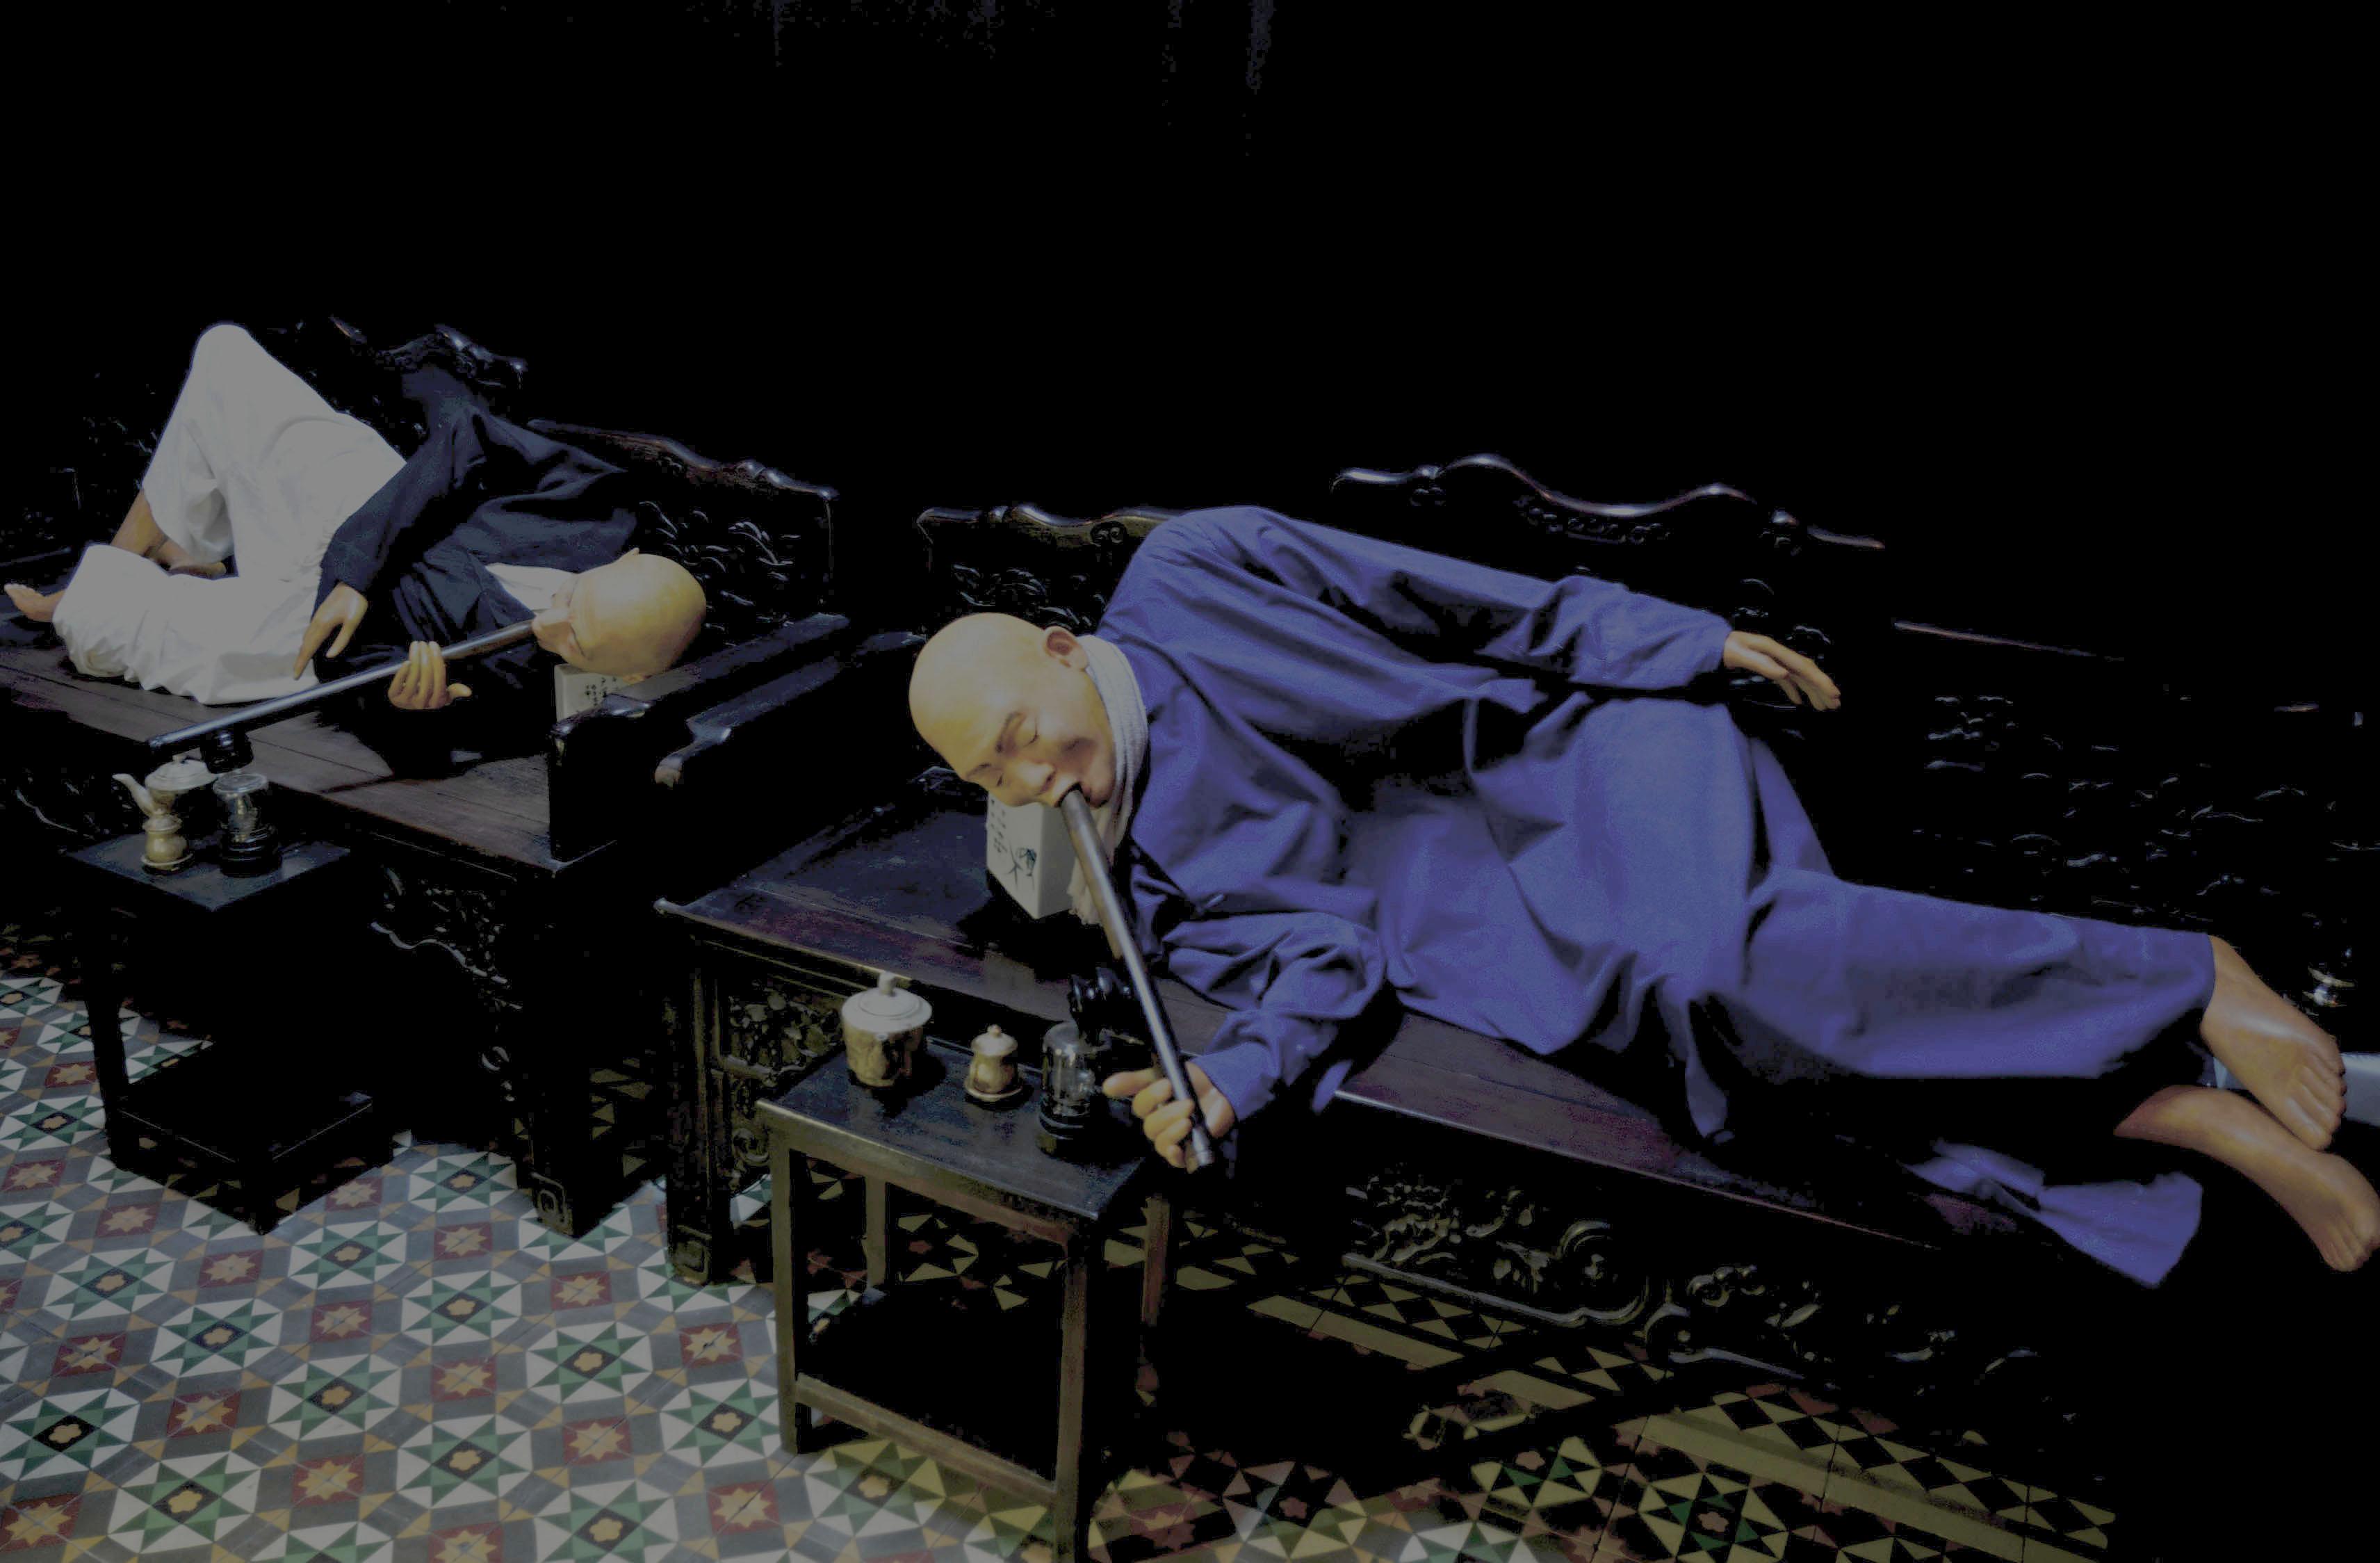 Shadowy Figures in the Opium Den 2